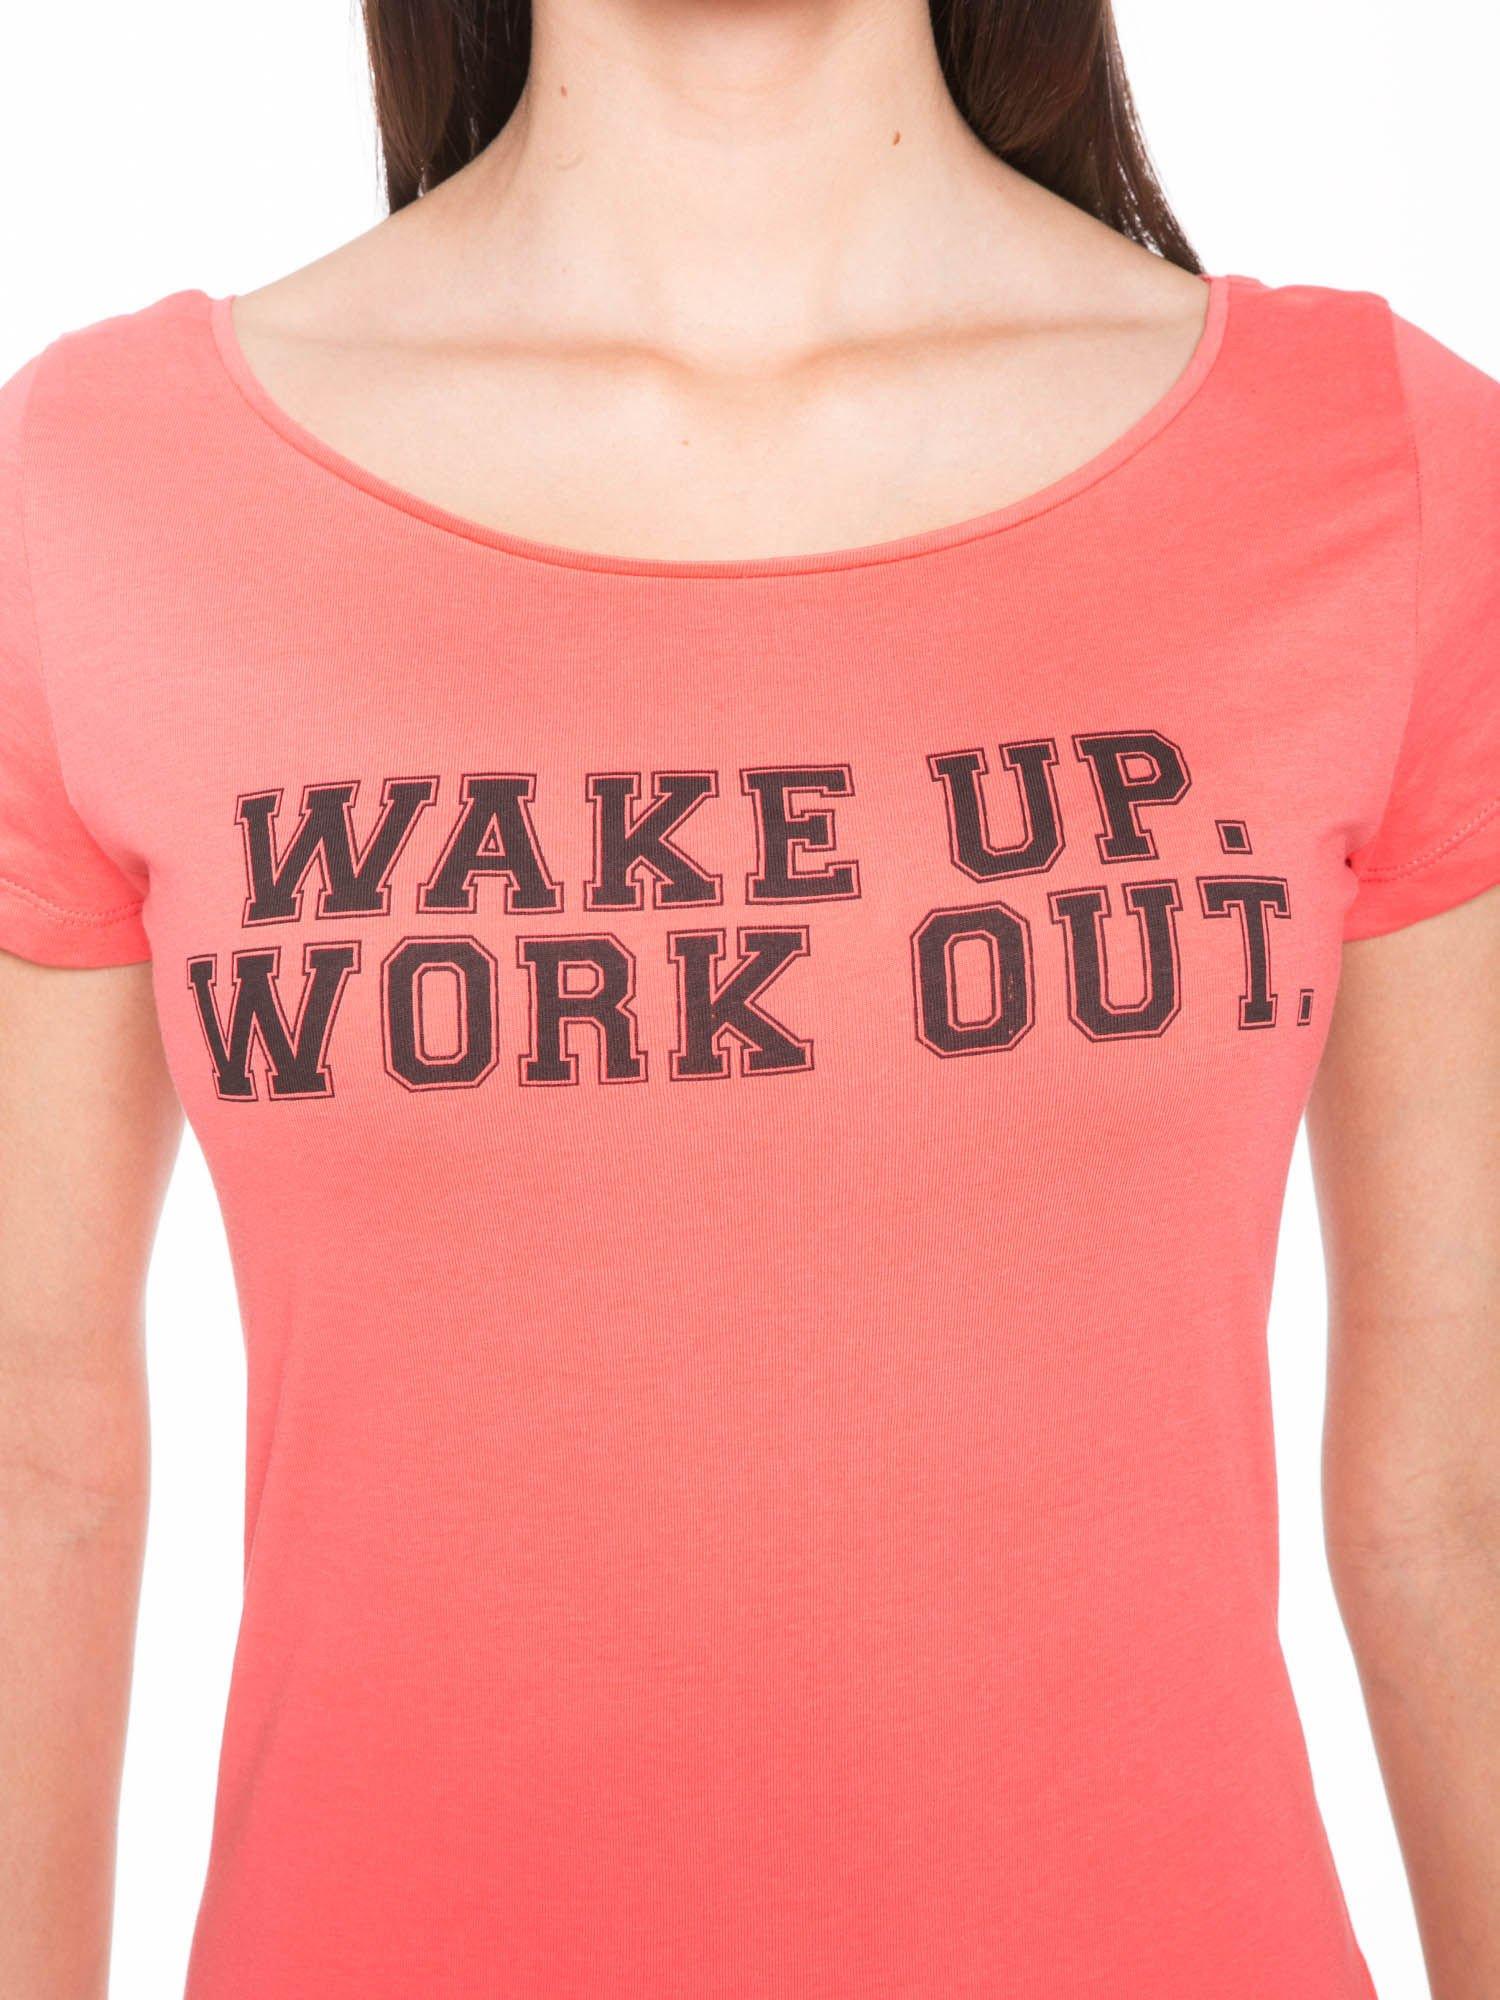 Koralowy bawełniany t-shirt z nadrukiem tekstowym WAKE UP WORK OUT                                  zdj.                                  7